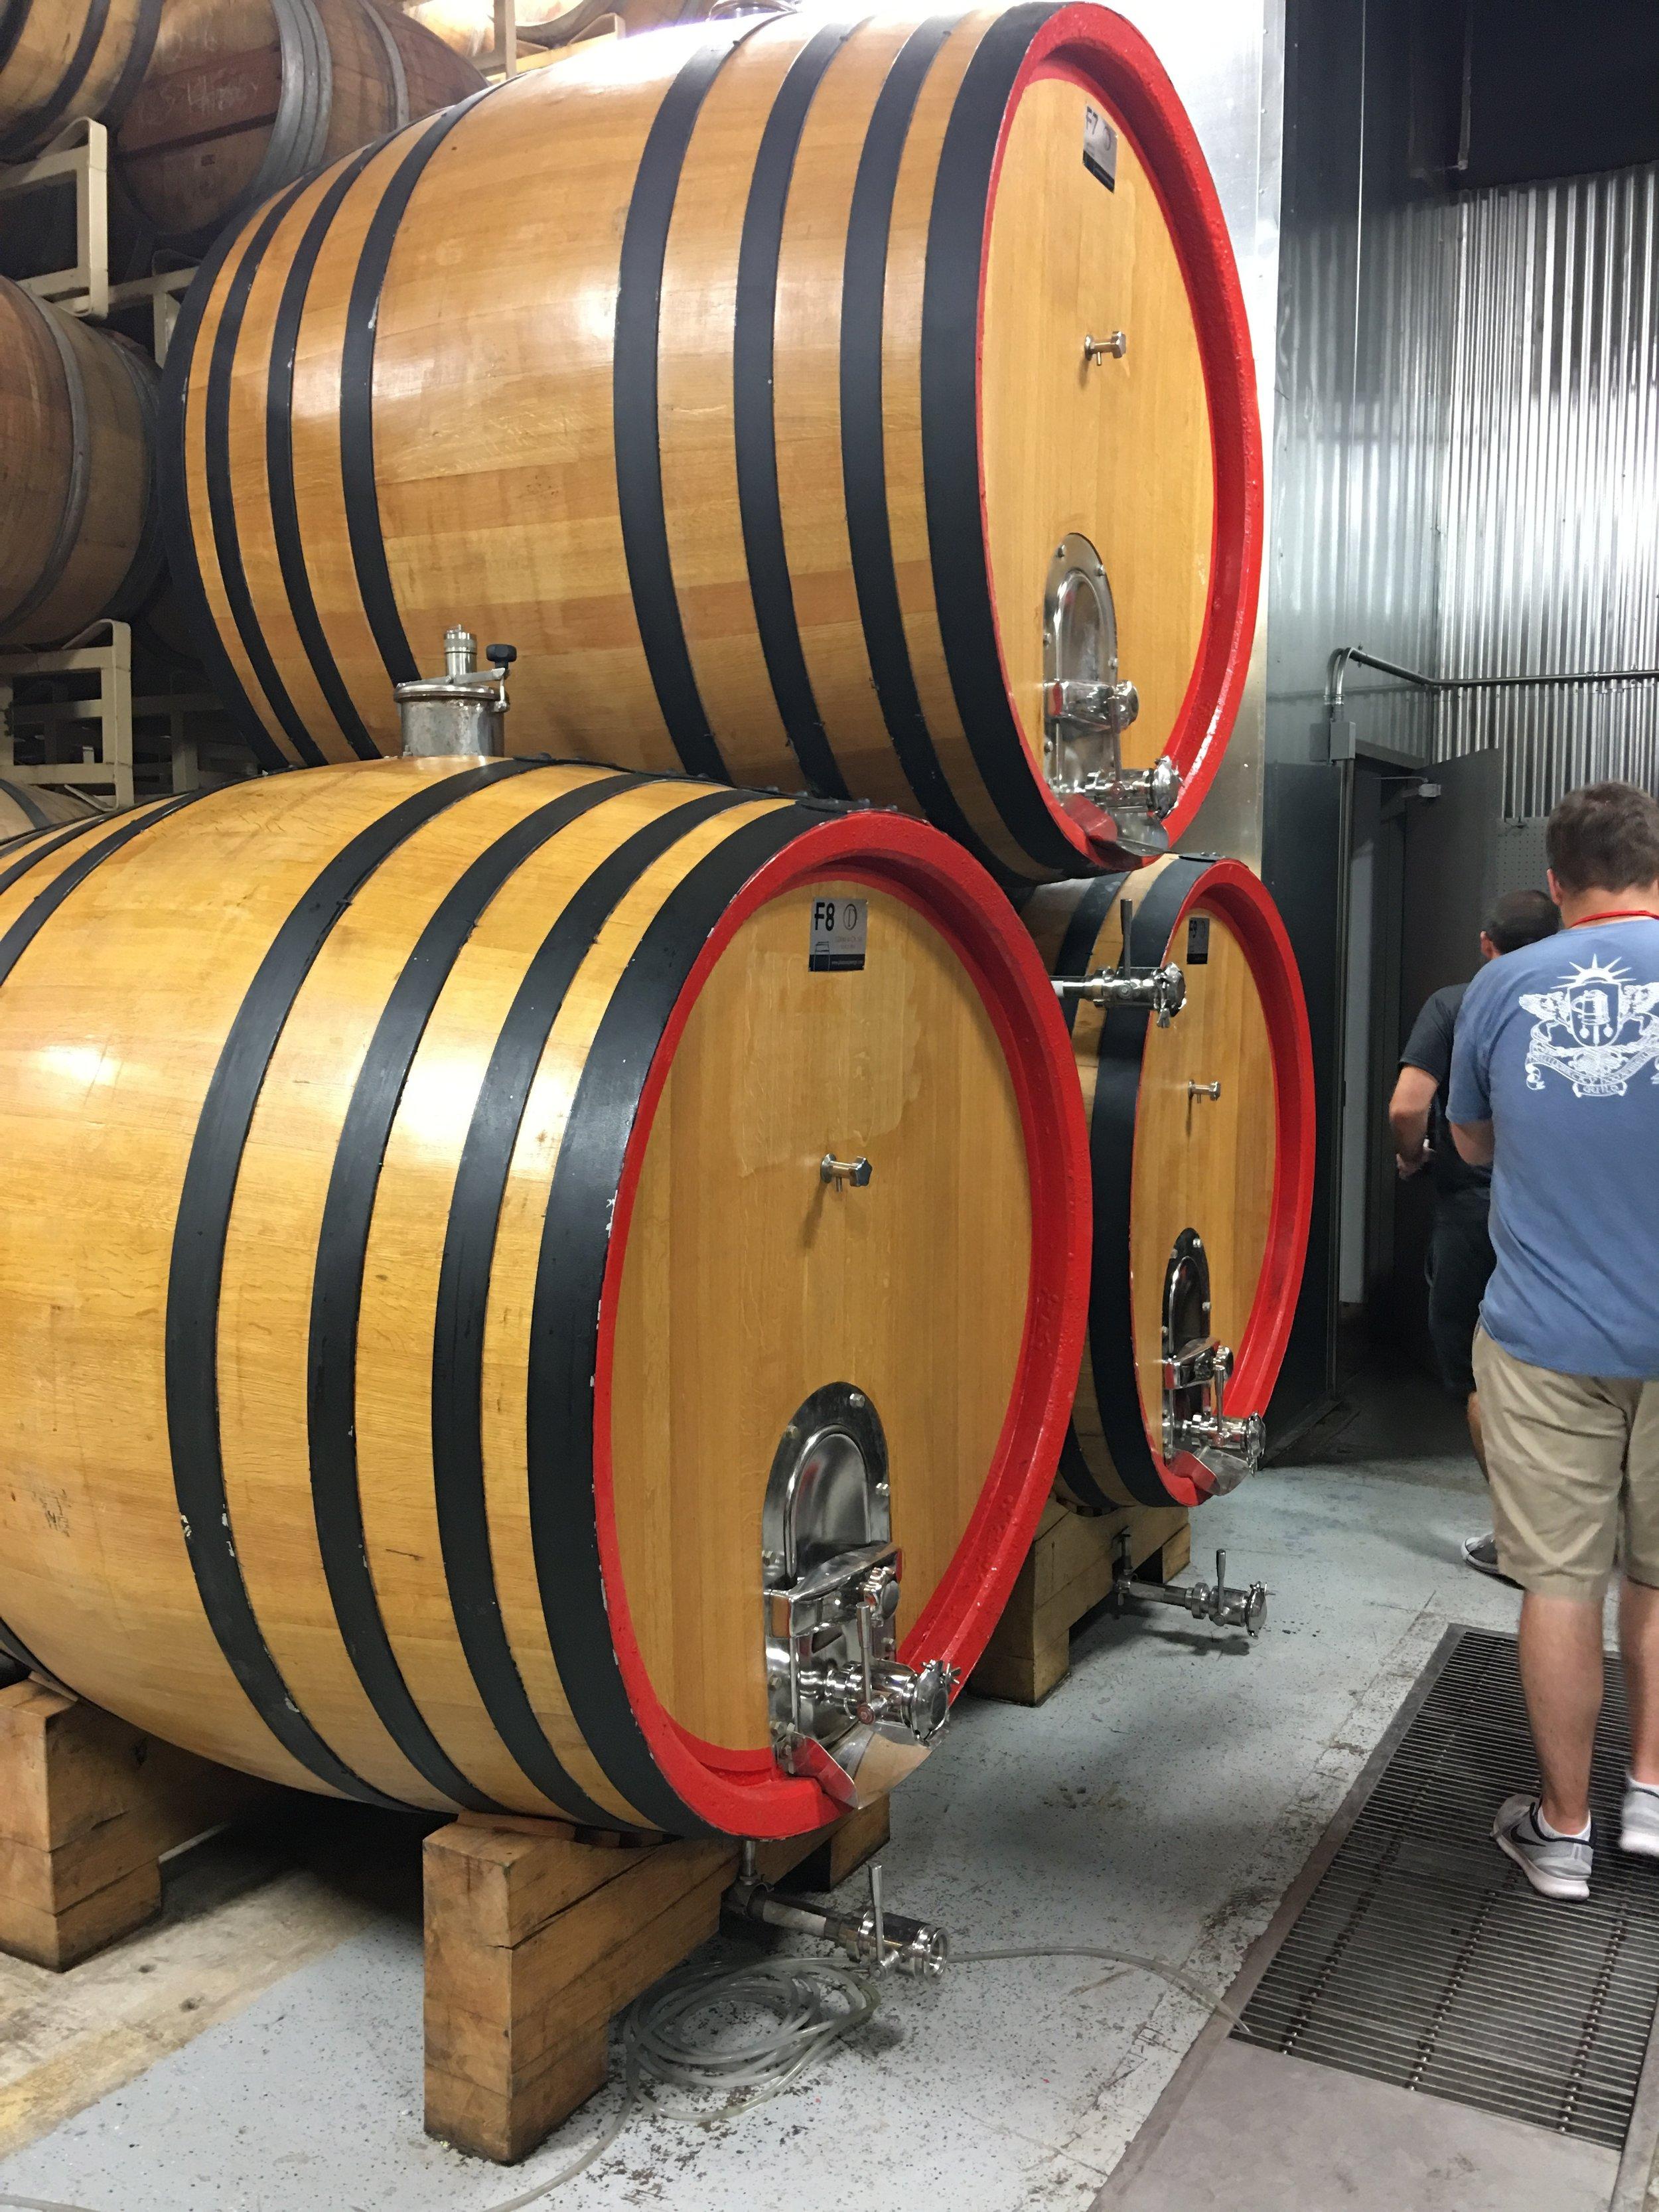 Wild barrels